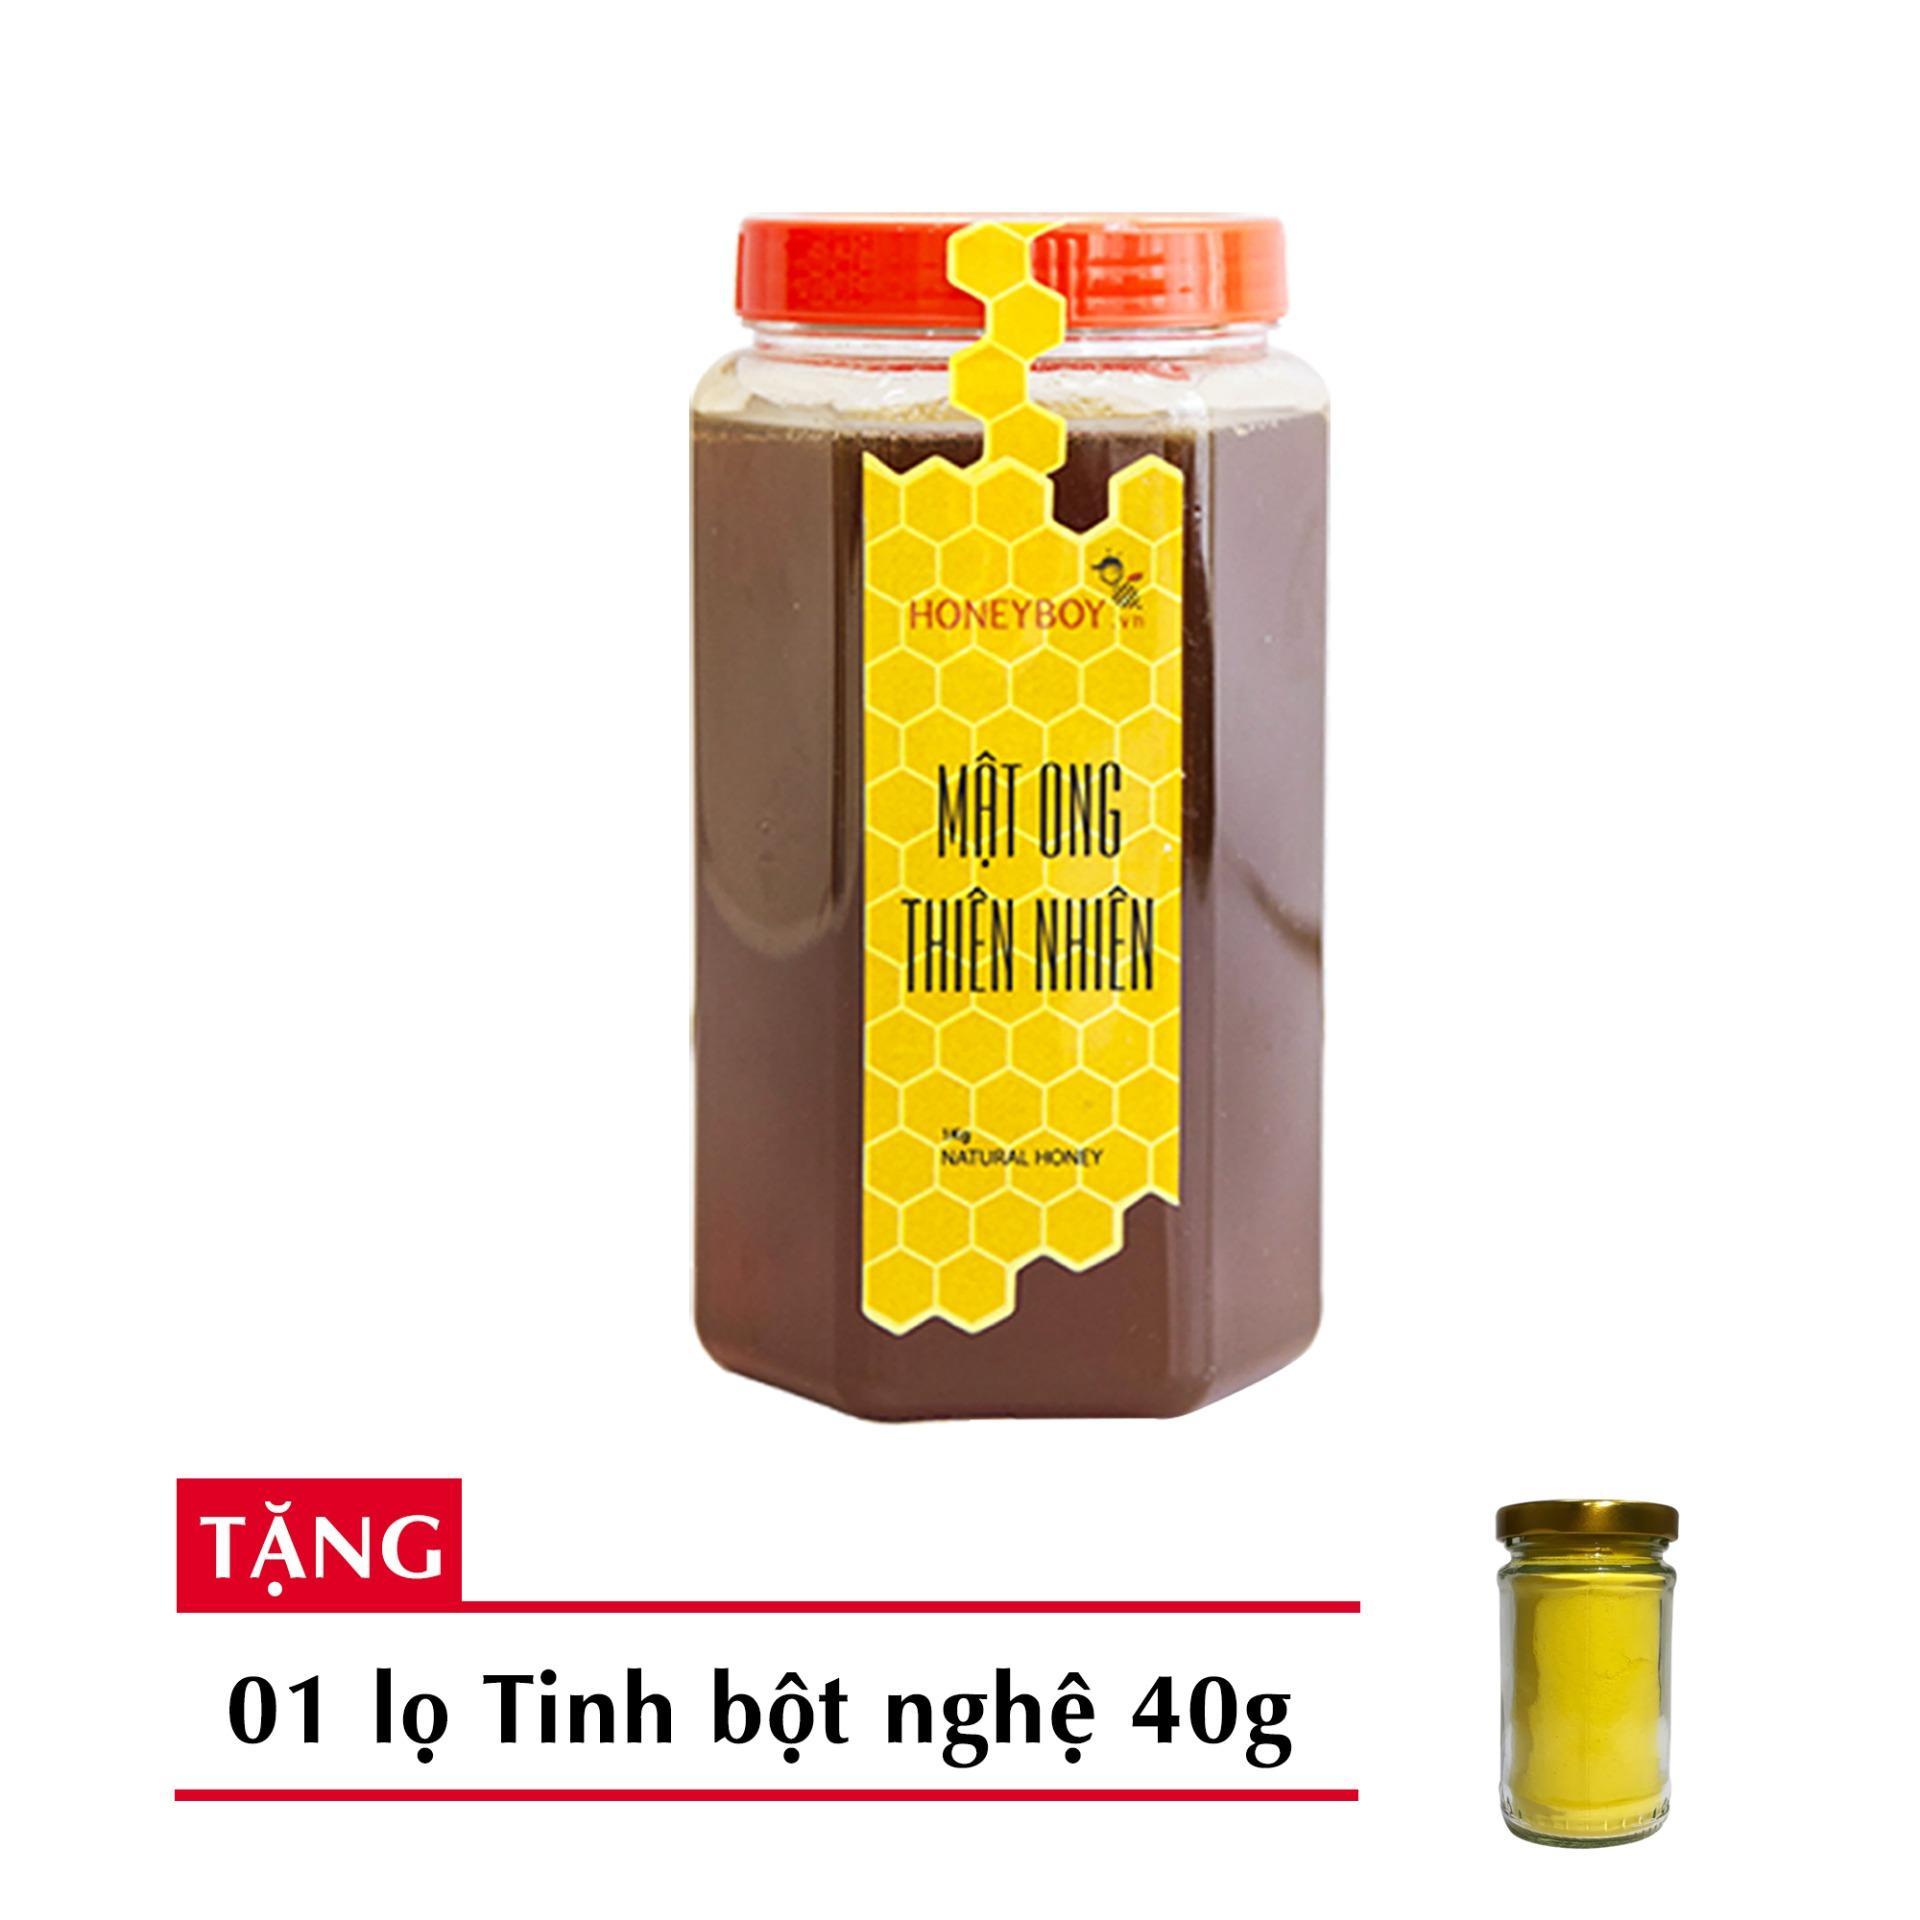 Ôn Tập Cửa Hàng Mật Ong Thien Nhien Honeyboy 1Kg Tặng Tinh Nghệ 40G Trực Tuyến